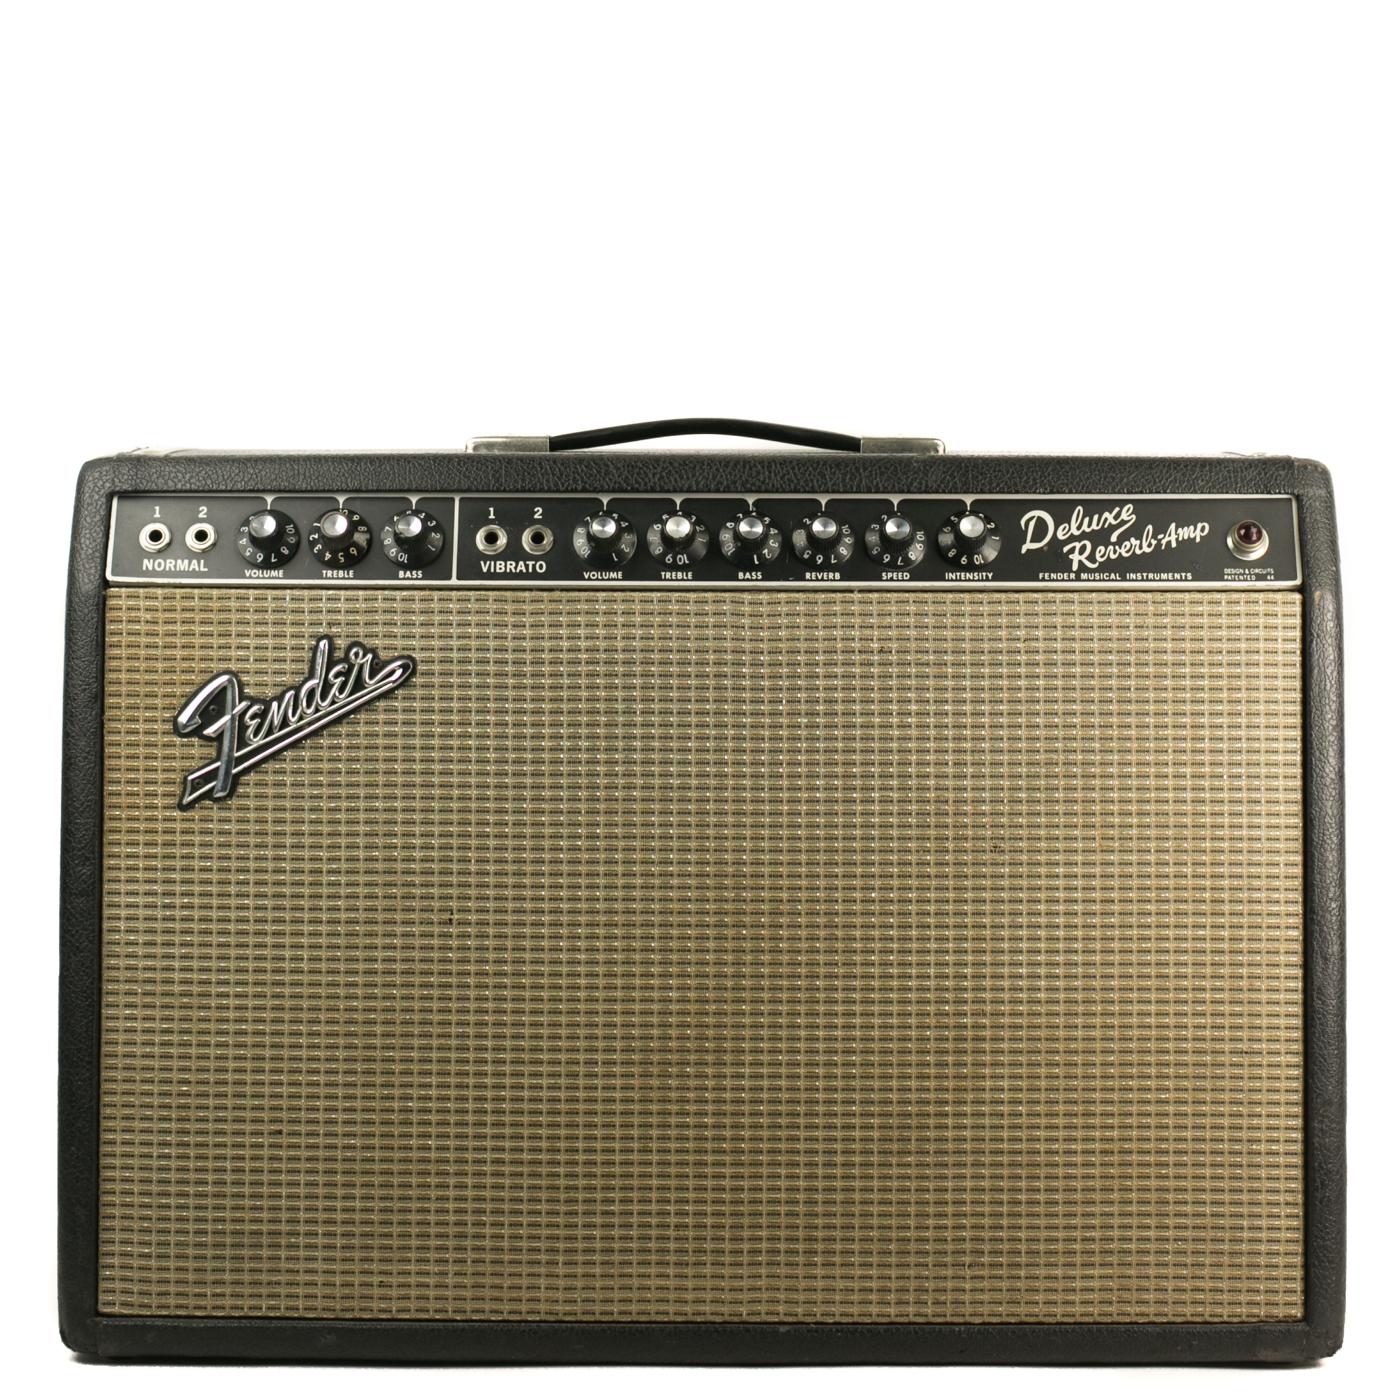 1967 Fender Deluxe Reverb Blackface detail 0